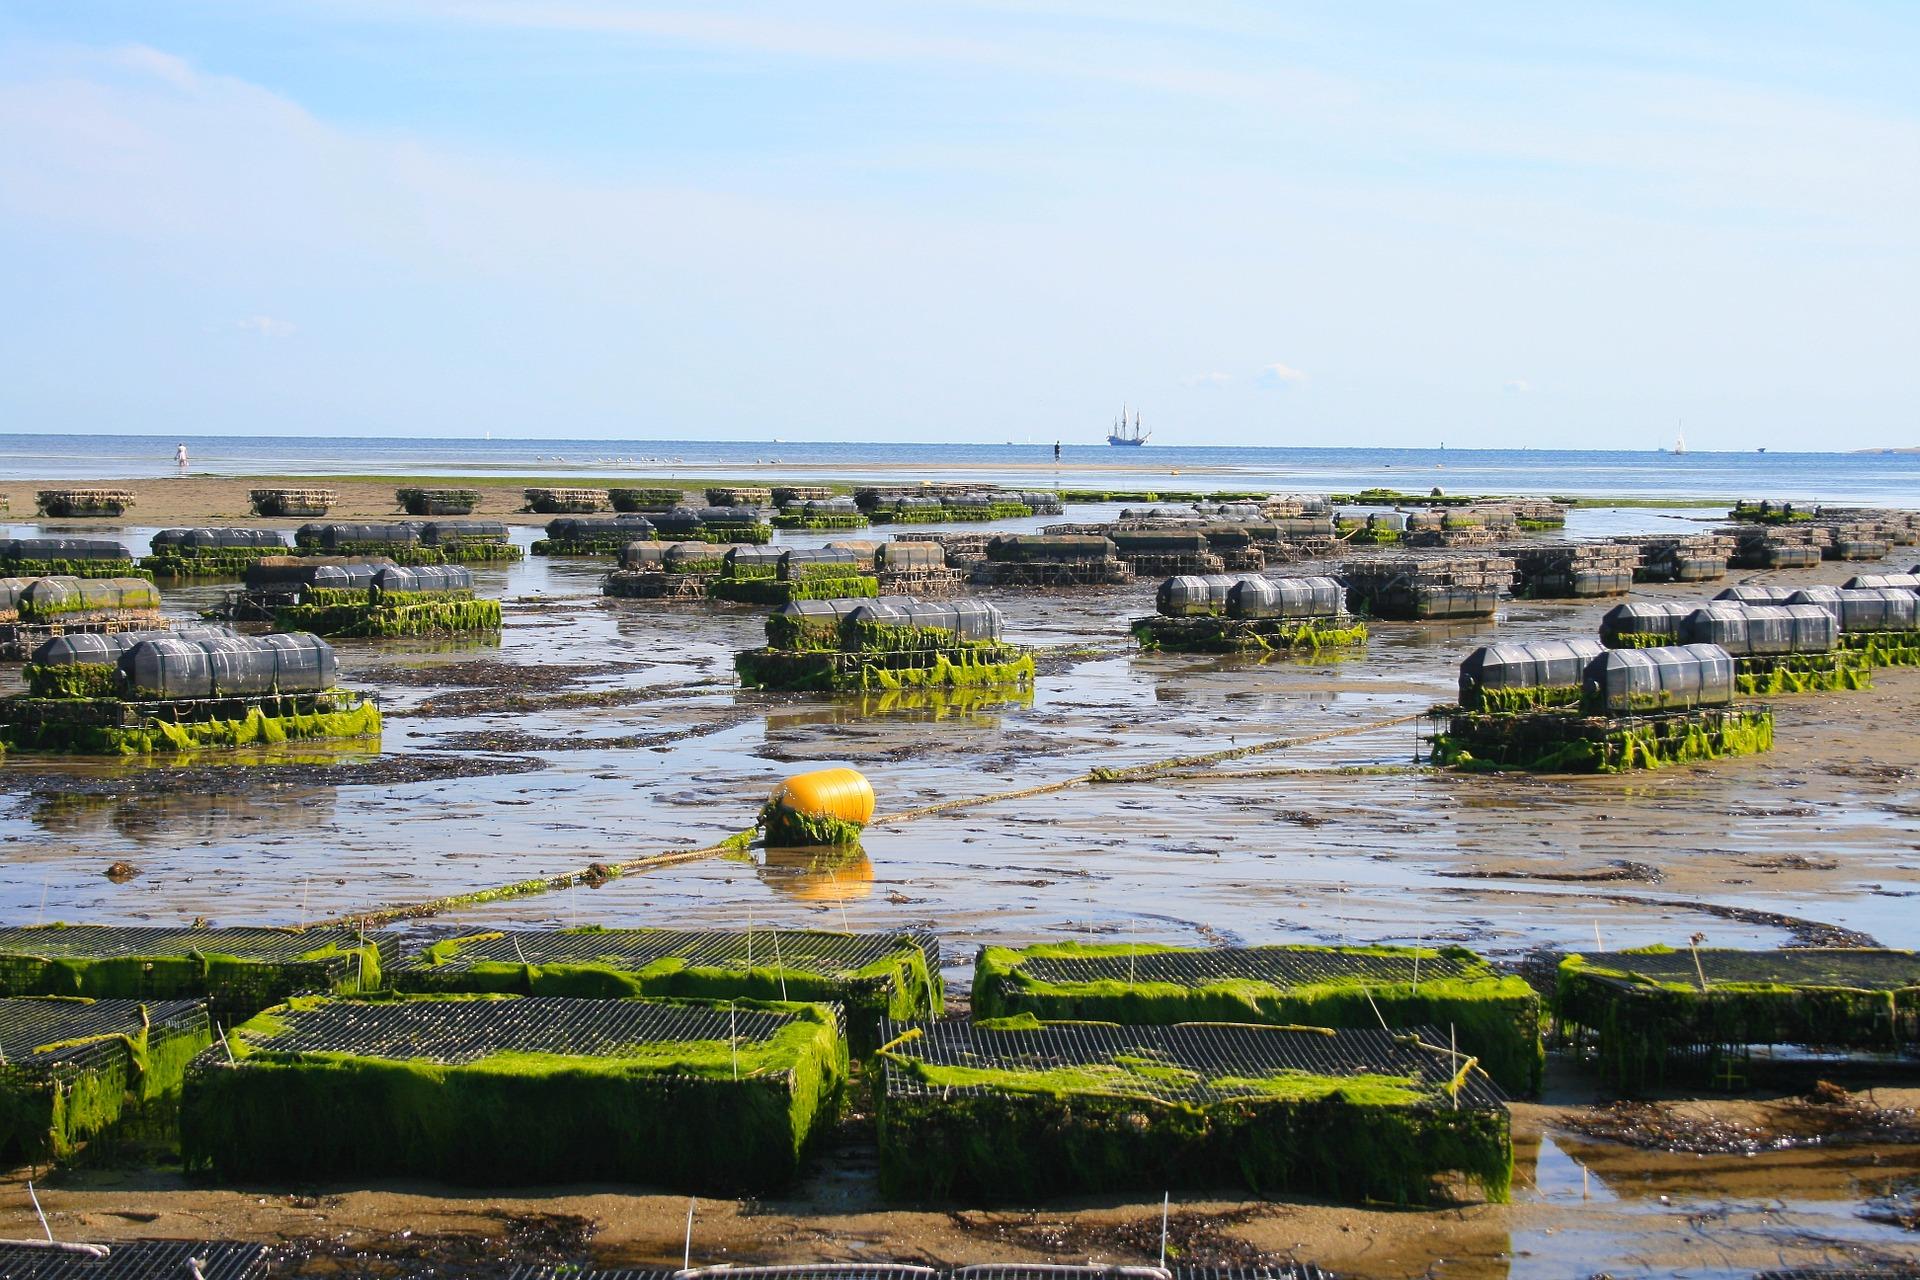 oyster-farm-1404178_1920.jpg